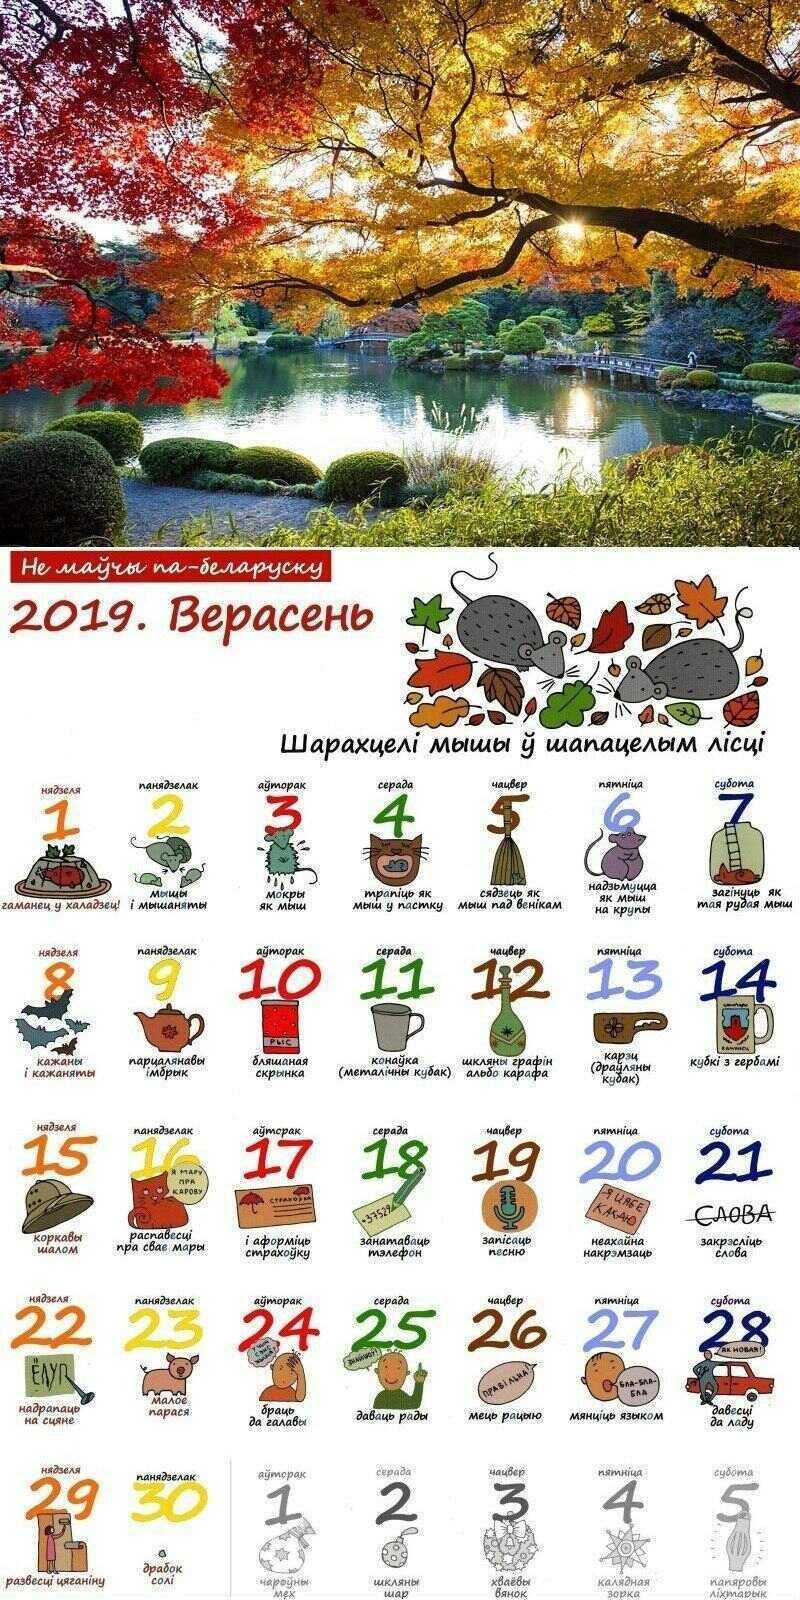 *** Астропрогноз сентябрь-вересень 2019 — Тантра-Джётиш Ведическая астрология — Антон Кузнецов ***